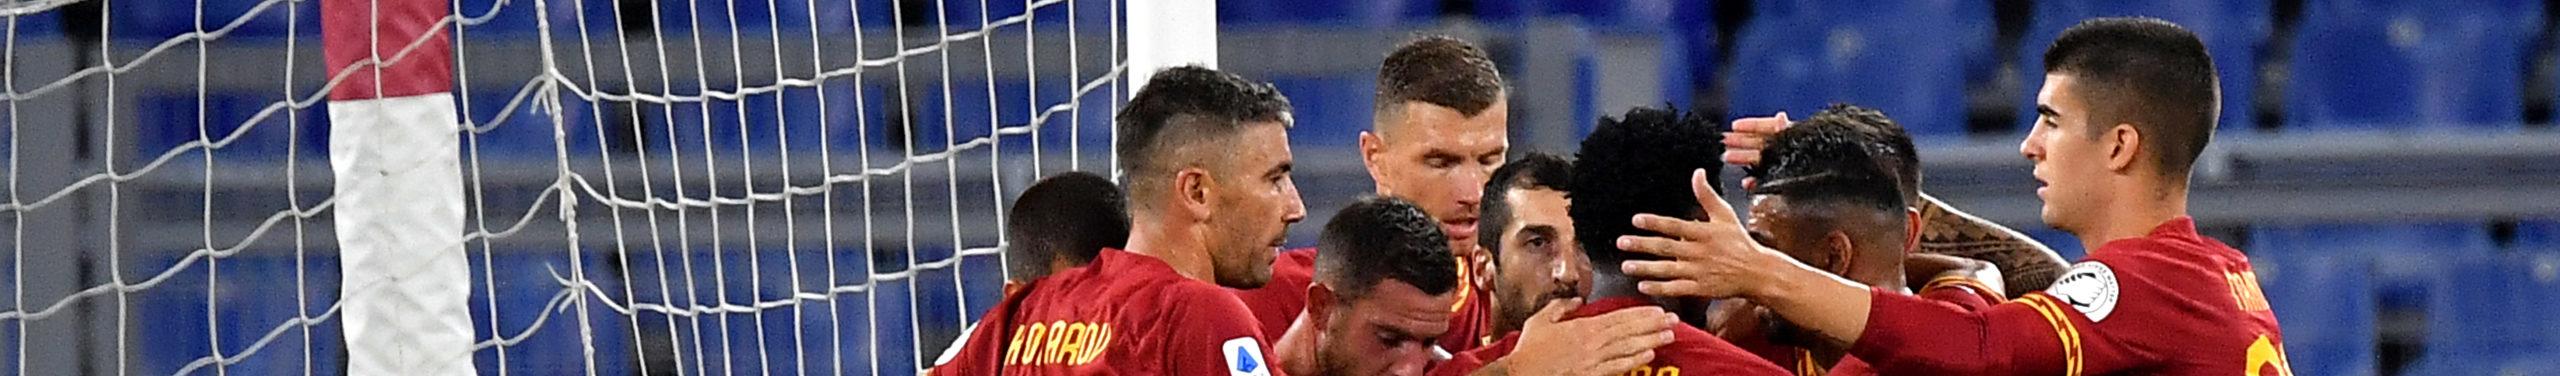 SPAL-Roma, Fonseca vuole blindare il 5° posto sul campo dell'ultima della classe